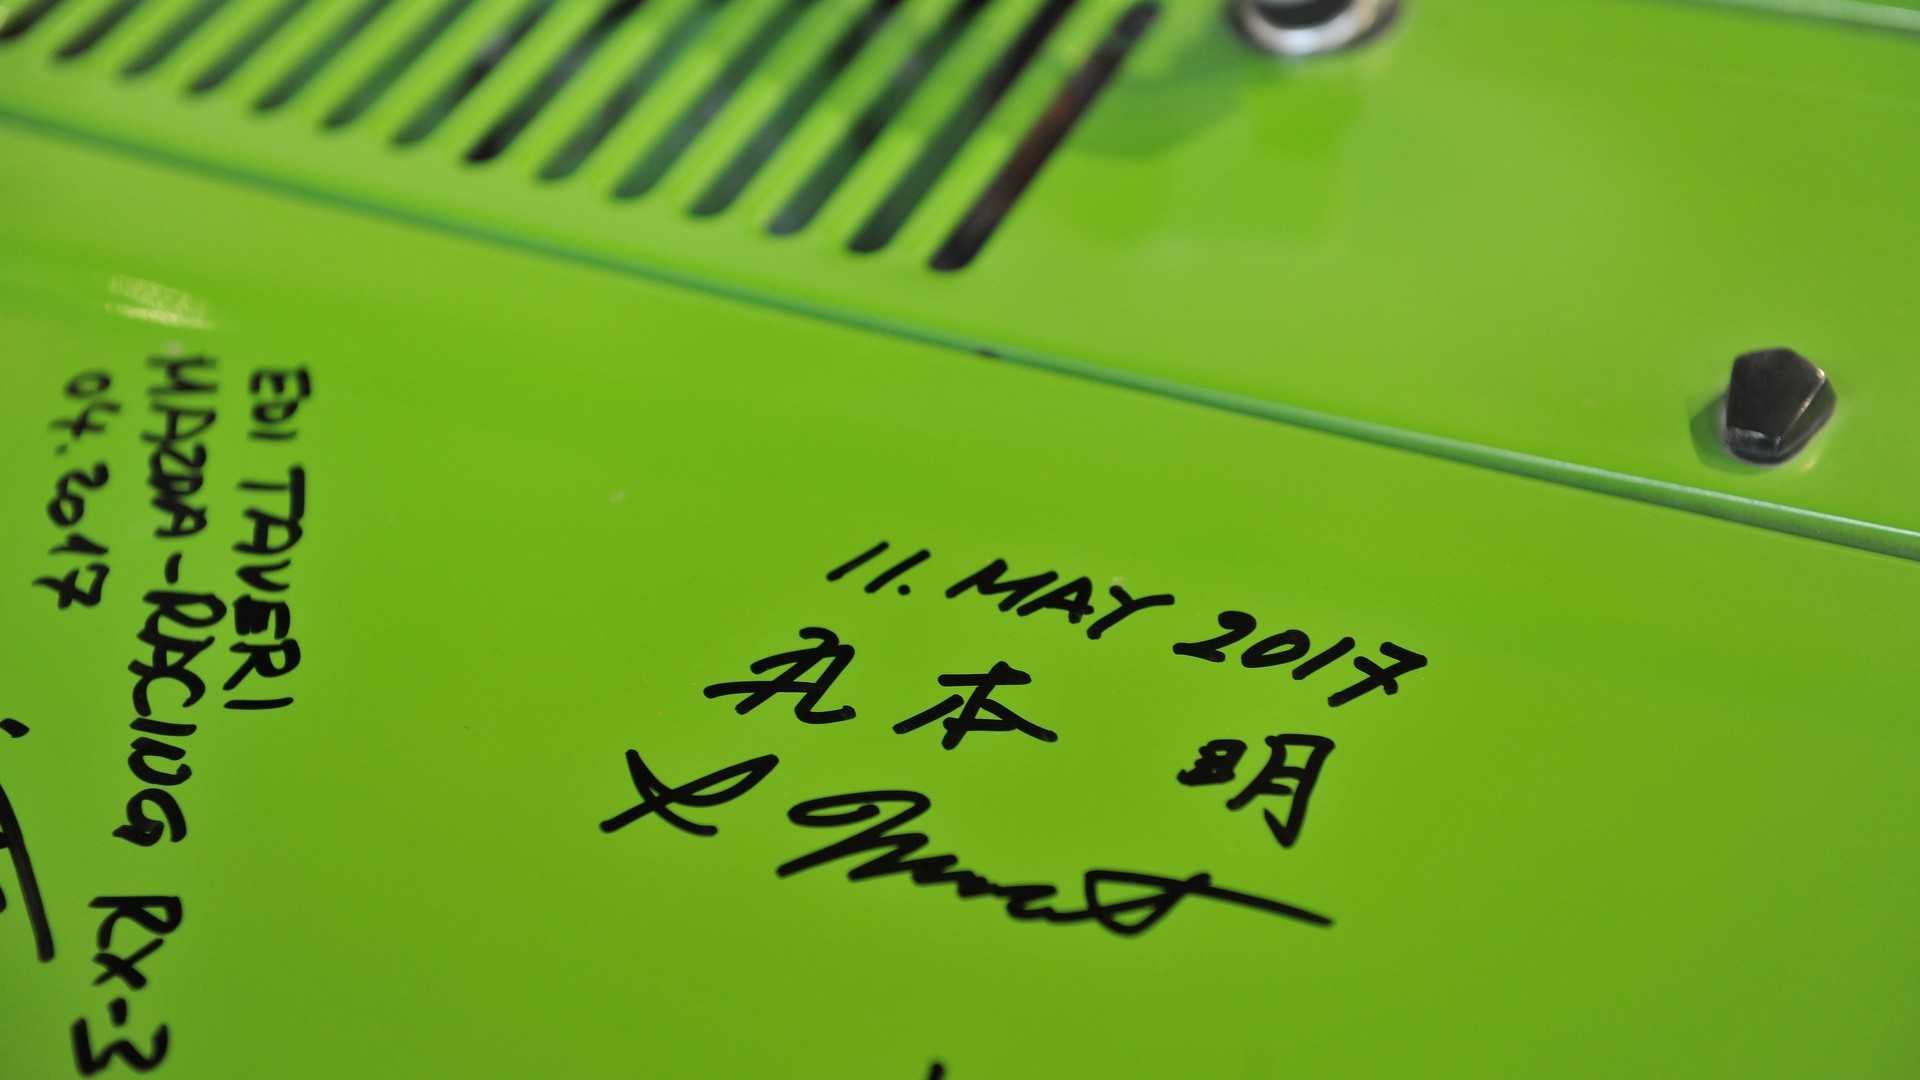 Mazda_classic_car_museum_11